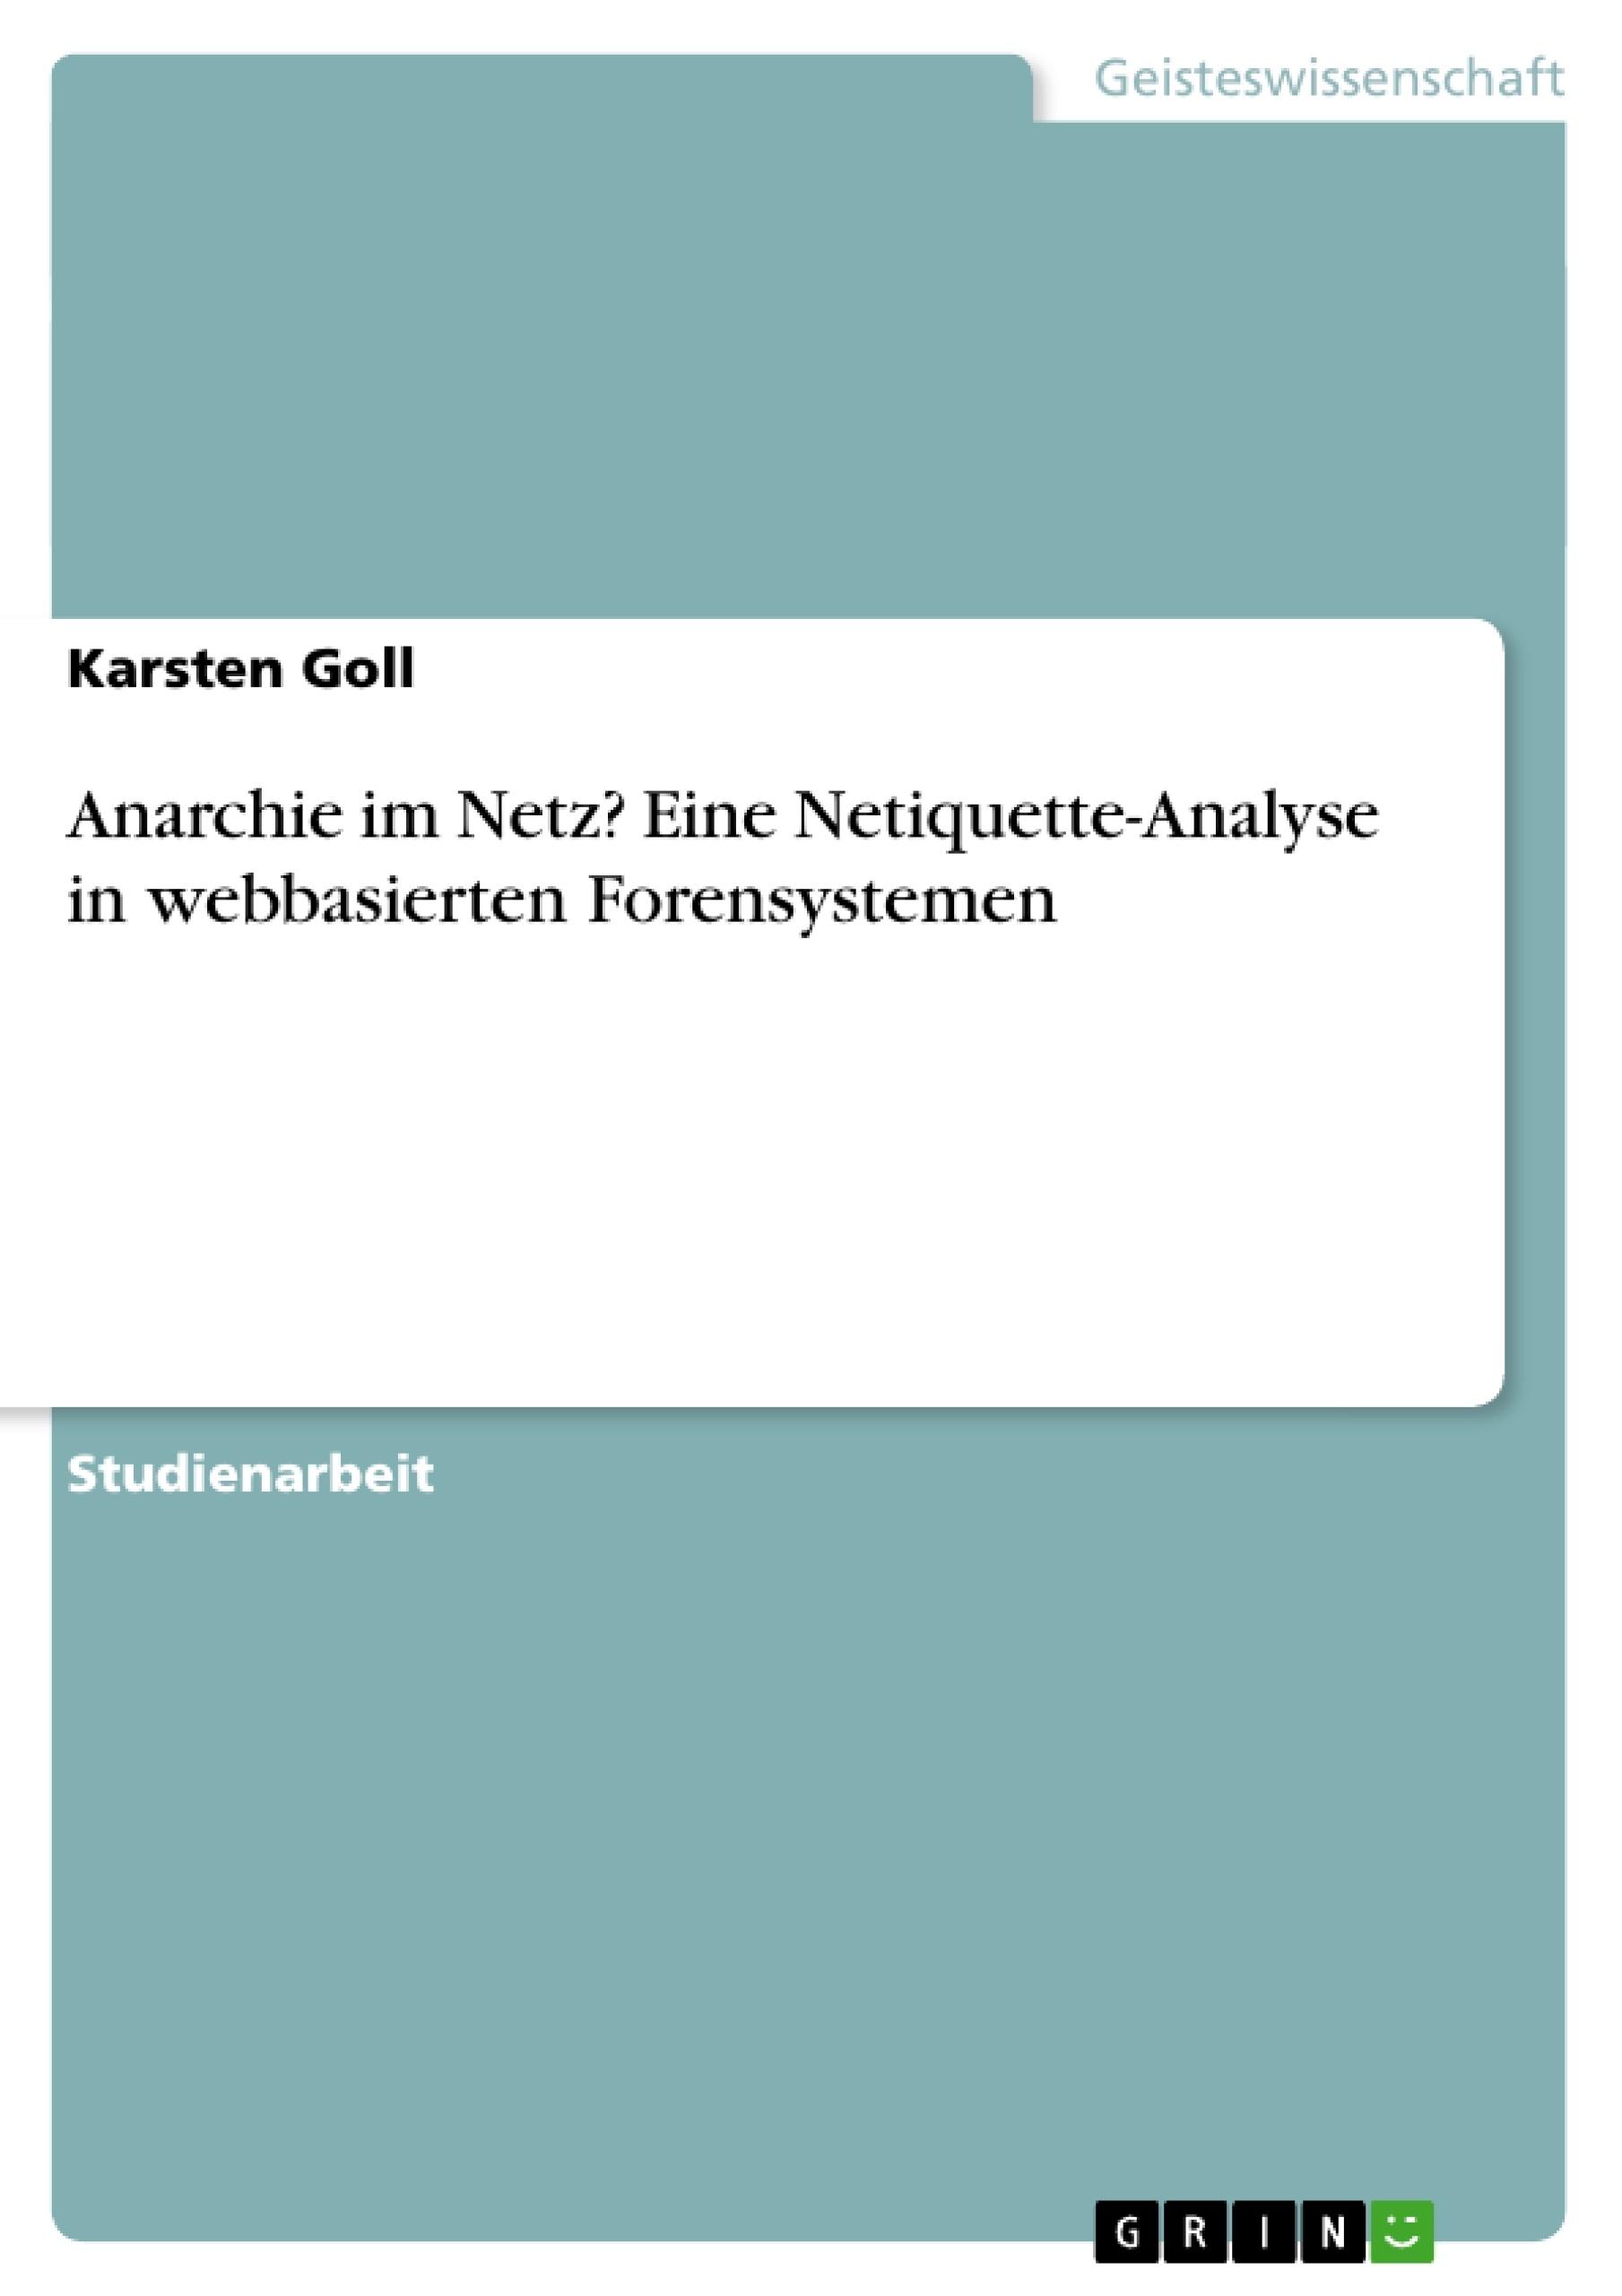 Titel: Anarchie im Netz? Eine Netiquette-Analyse in webbasierten Forensystemen